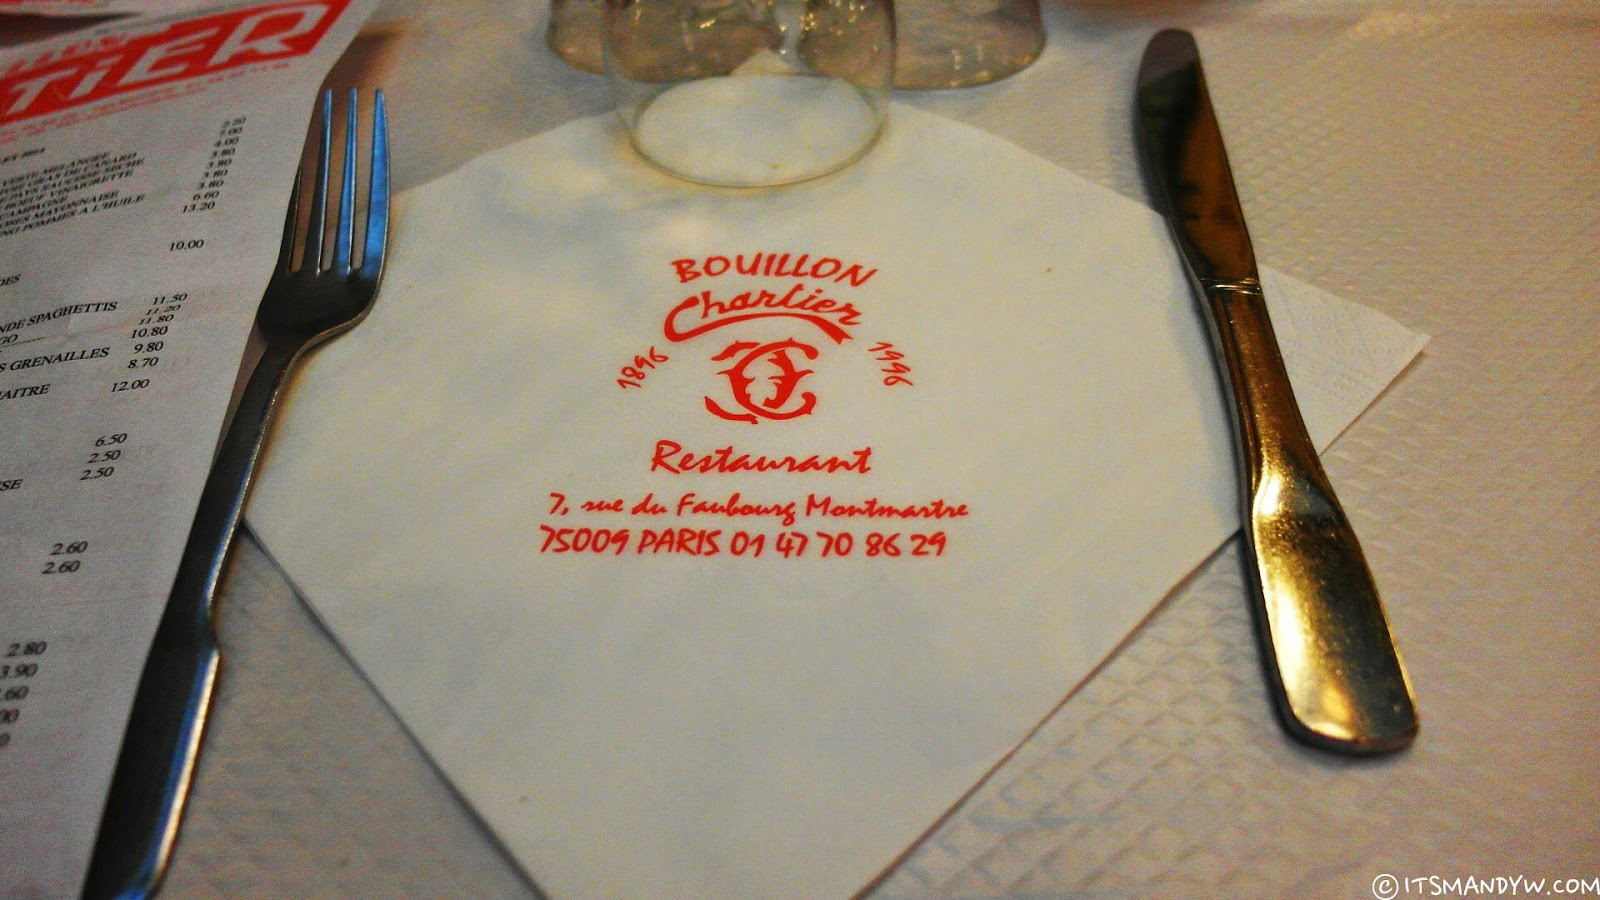 🇫🇷 法國 | 巴黎百年大食堂 - Le Bouillon Chartier